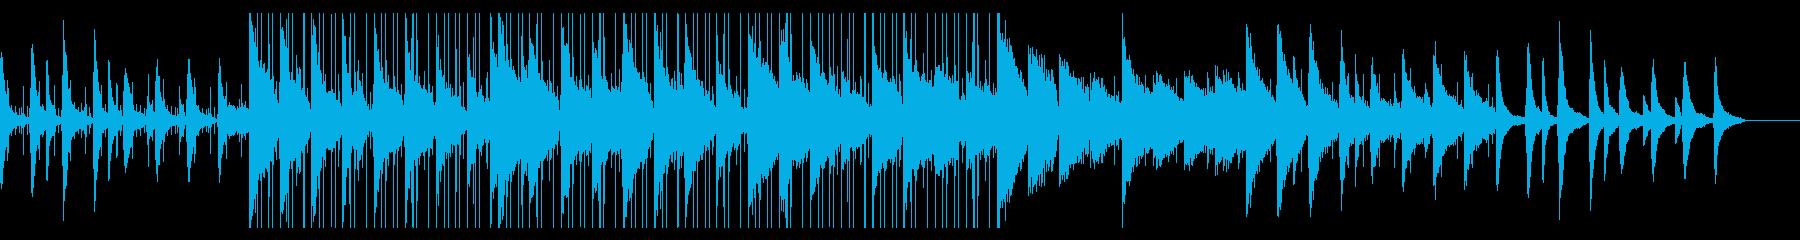 ブルーススタイルのソウルフルで親密なローの再生済みの波形